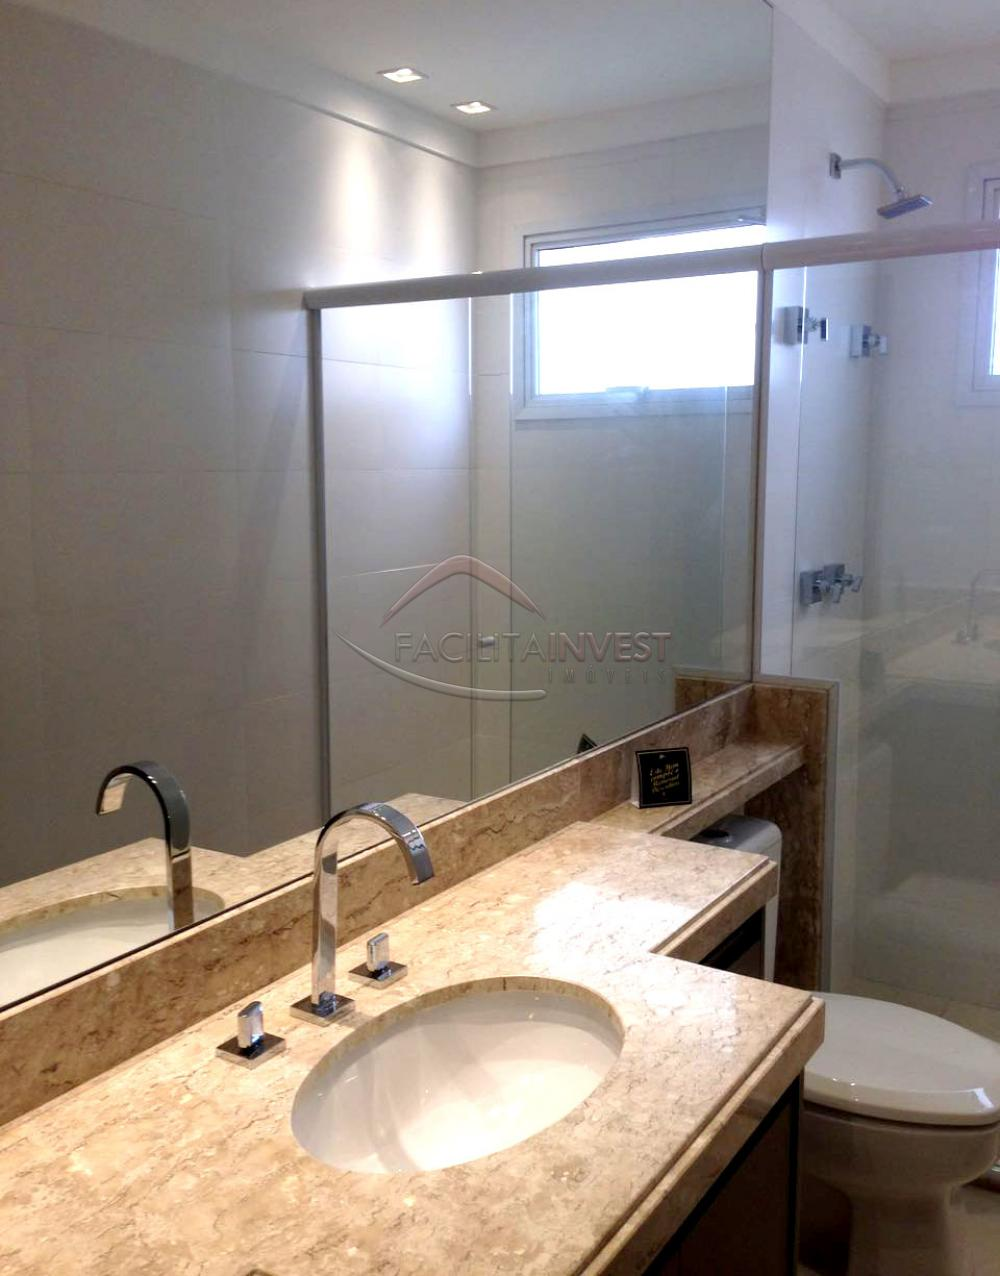 Comprar Lançamentos/ Empreendimentos em Construç / Apartamento padrão - Lançamento em Ribeirão Preto apenas R$ 958.391,00 - Foto 10